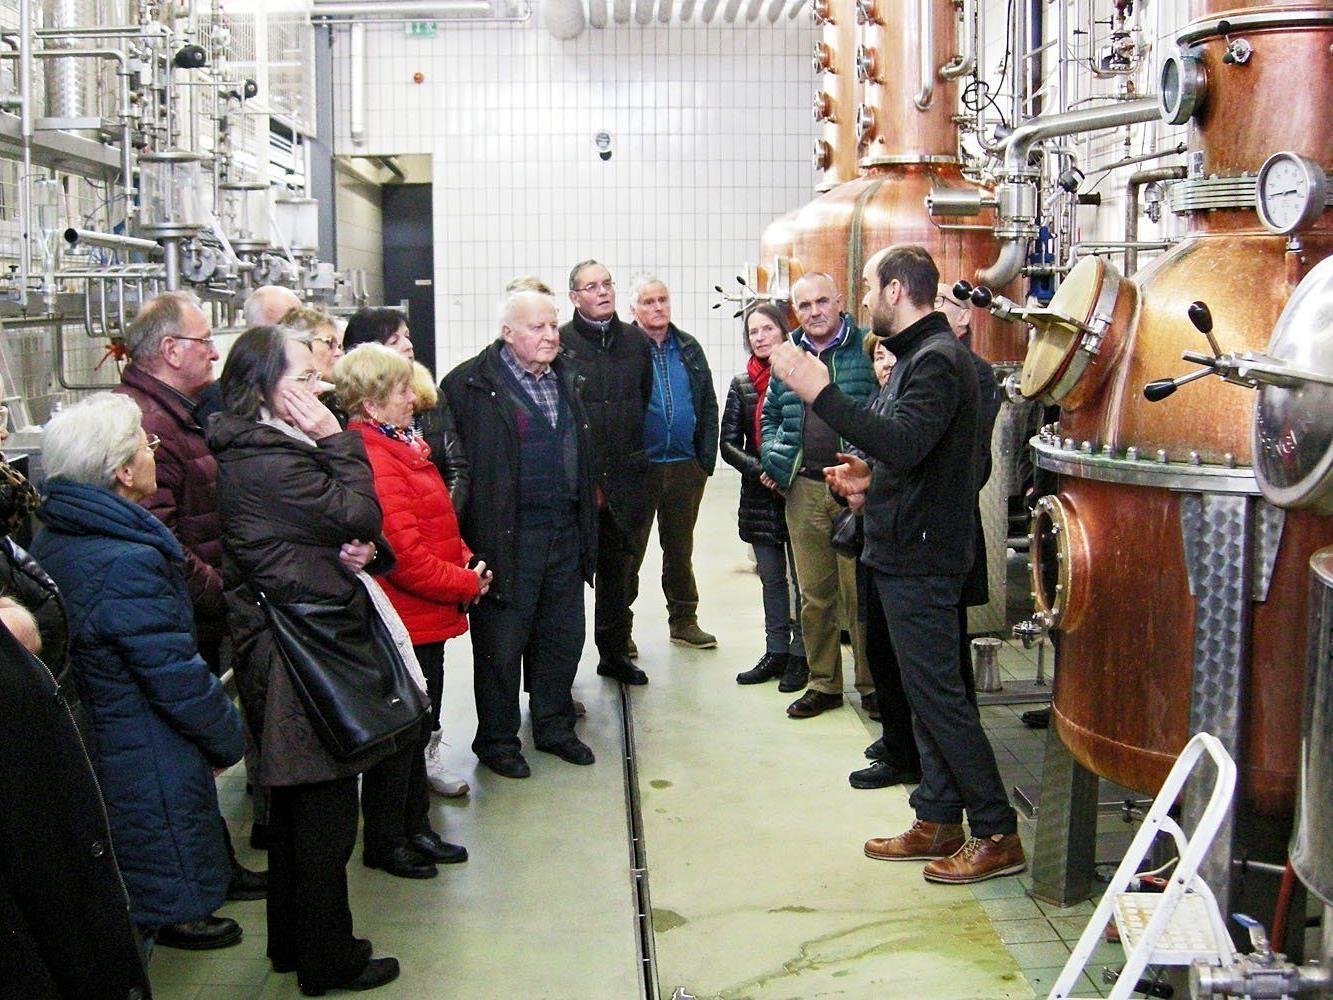 Die Besucher waren von der aufwendigen Destillationsanlage beeindruckt.